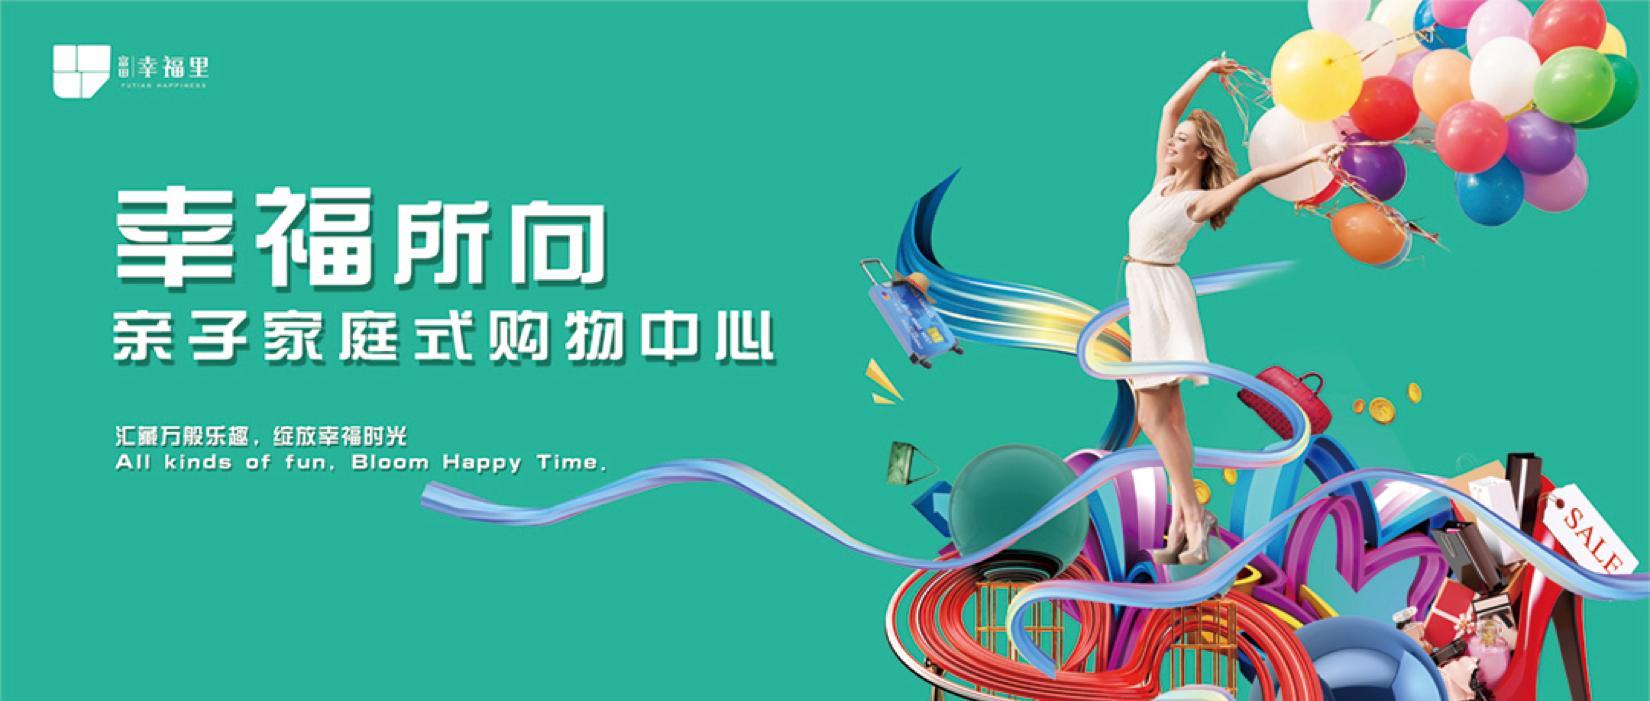 沃享科技X富田•幸福里,助力郑州龙湖区商业新升级